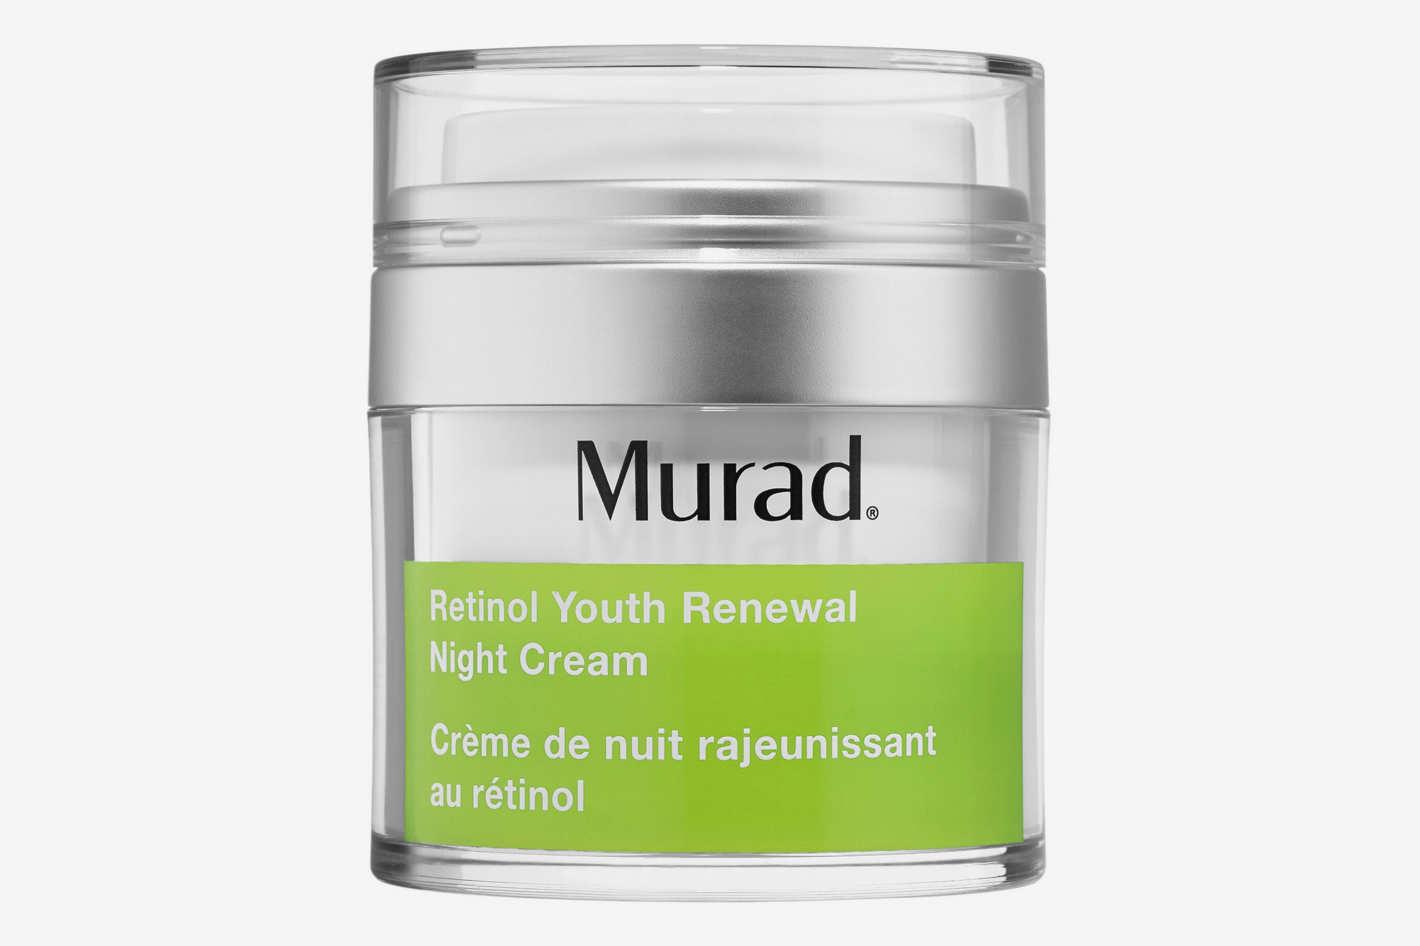 Murad Age Perfecting Night Cream